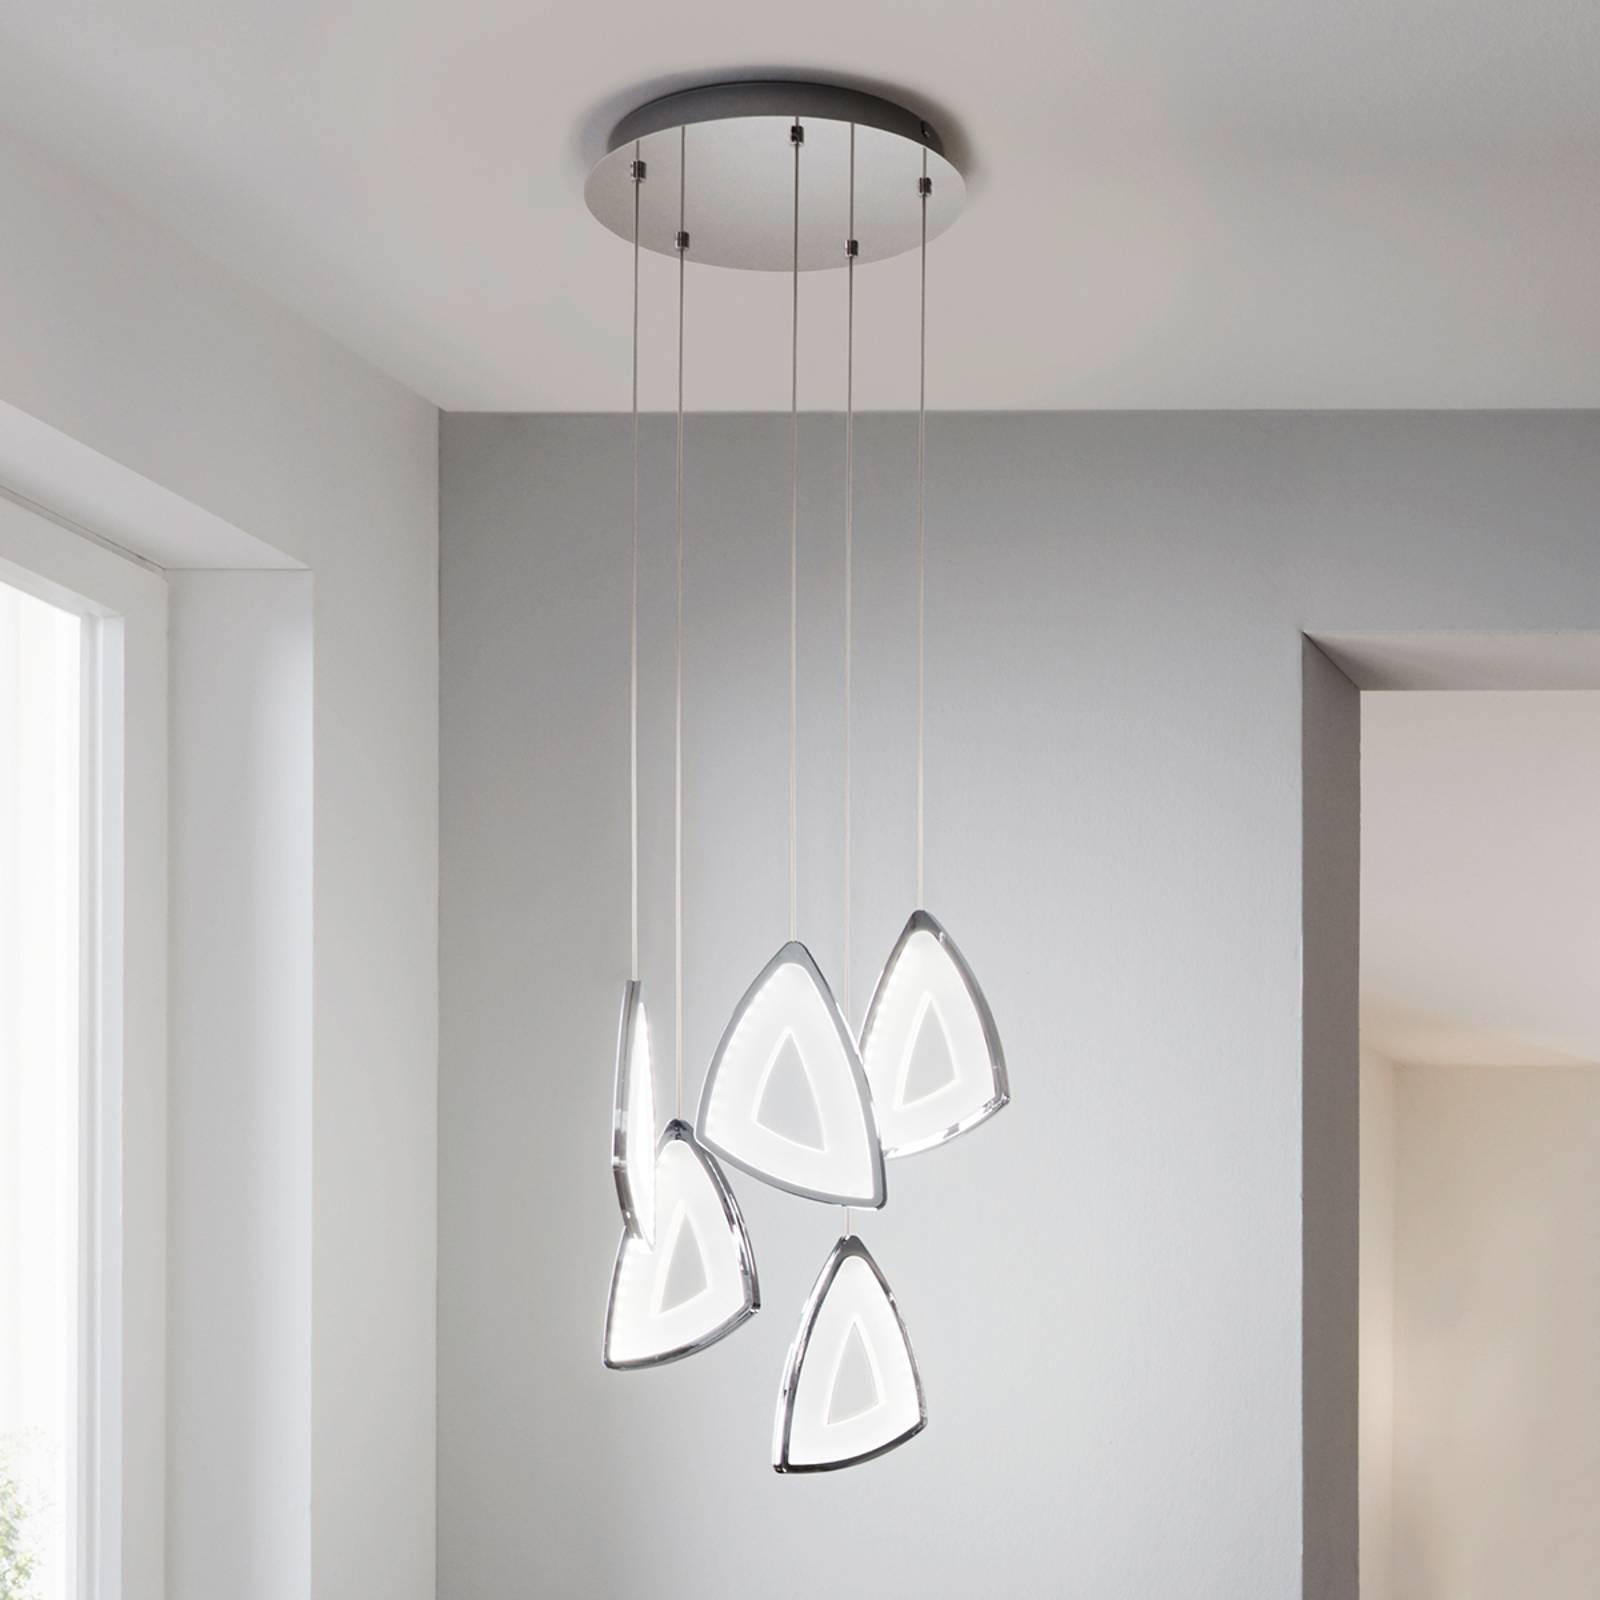 Suspension LED Amonde de forme futuriste